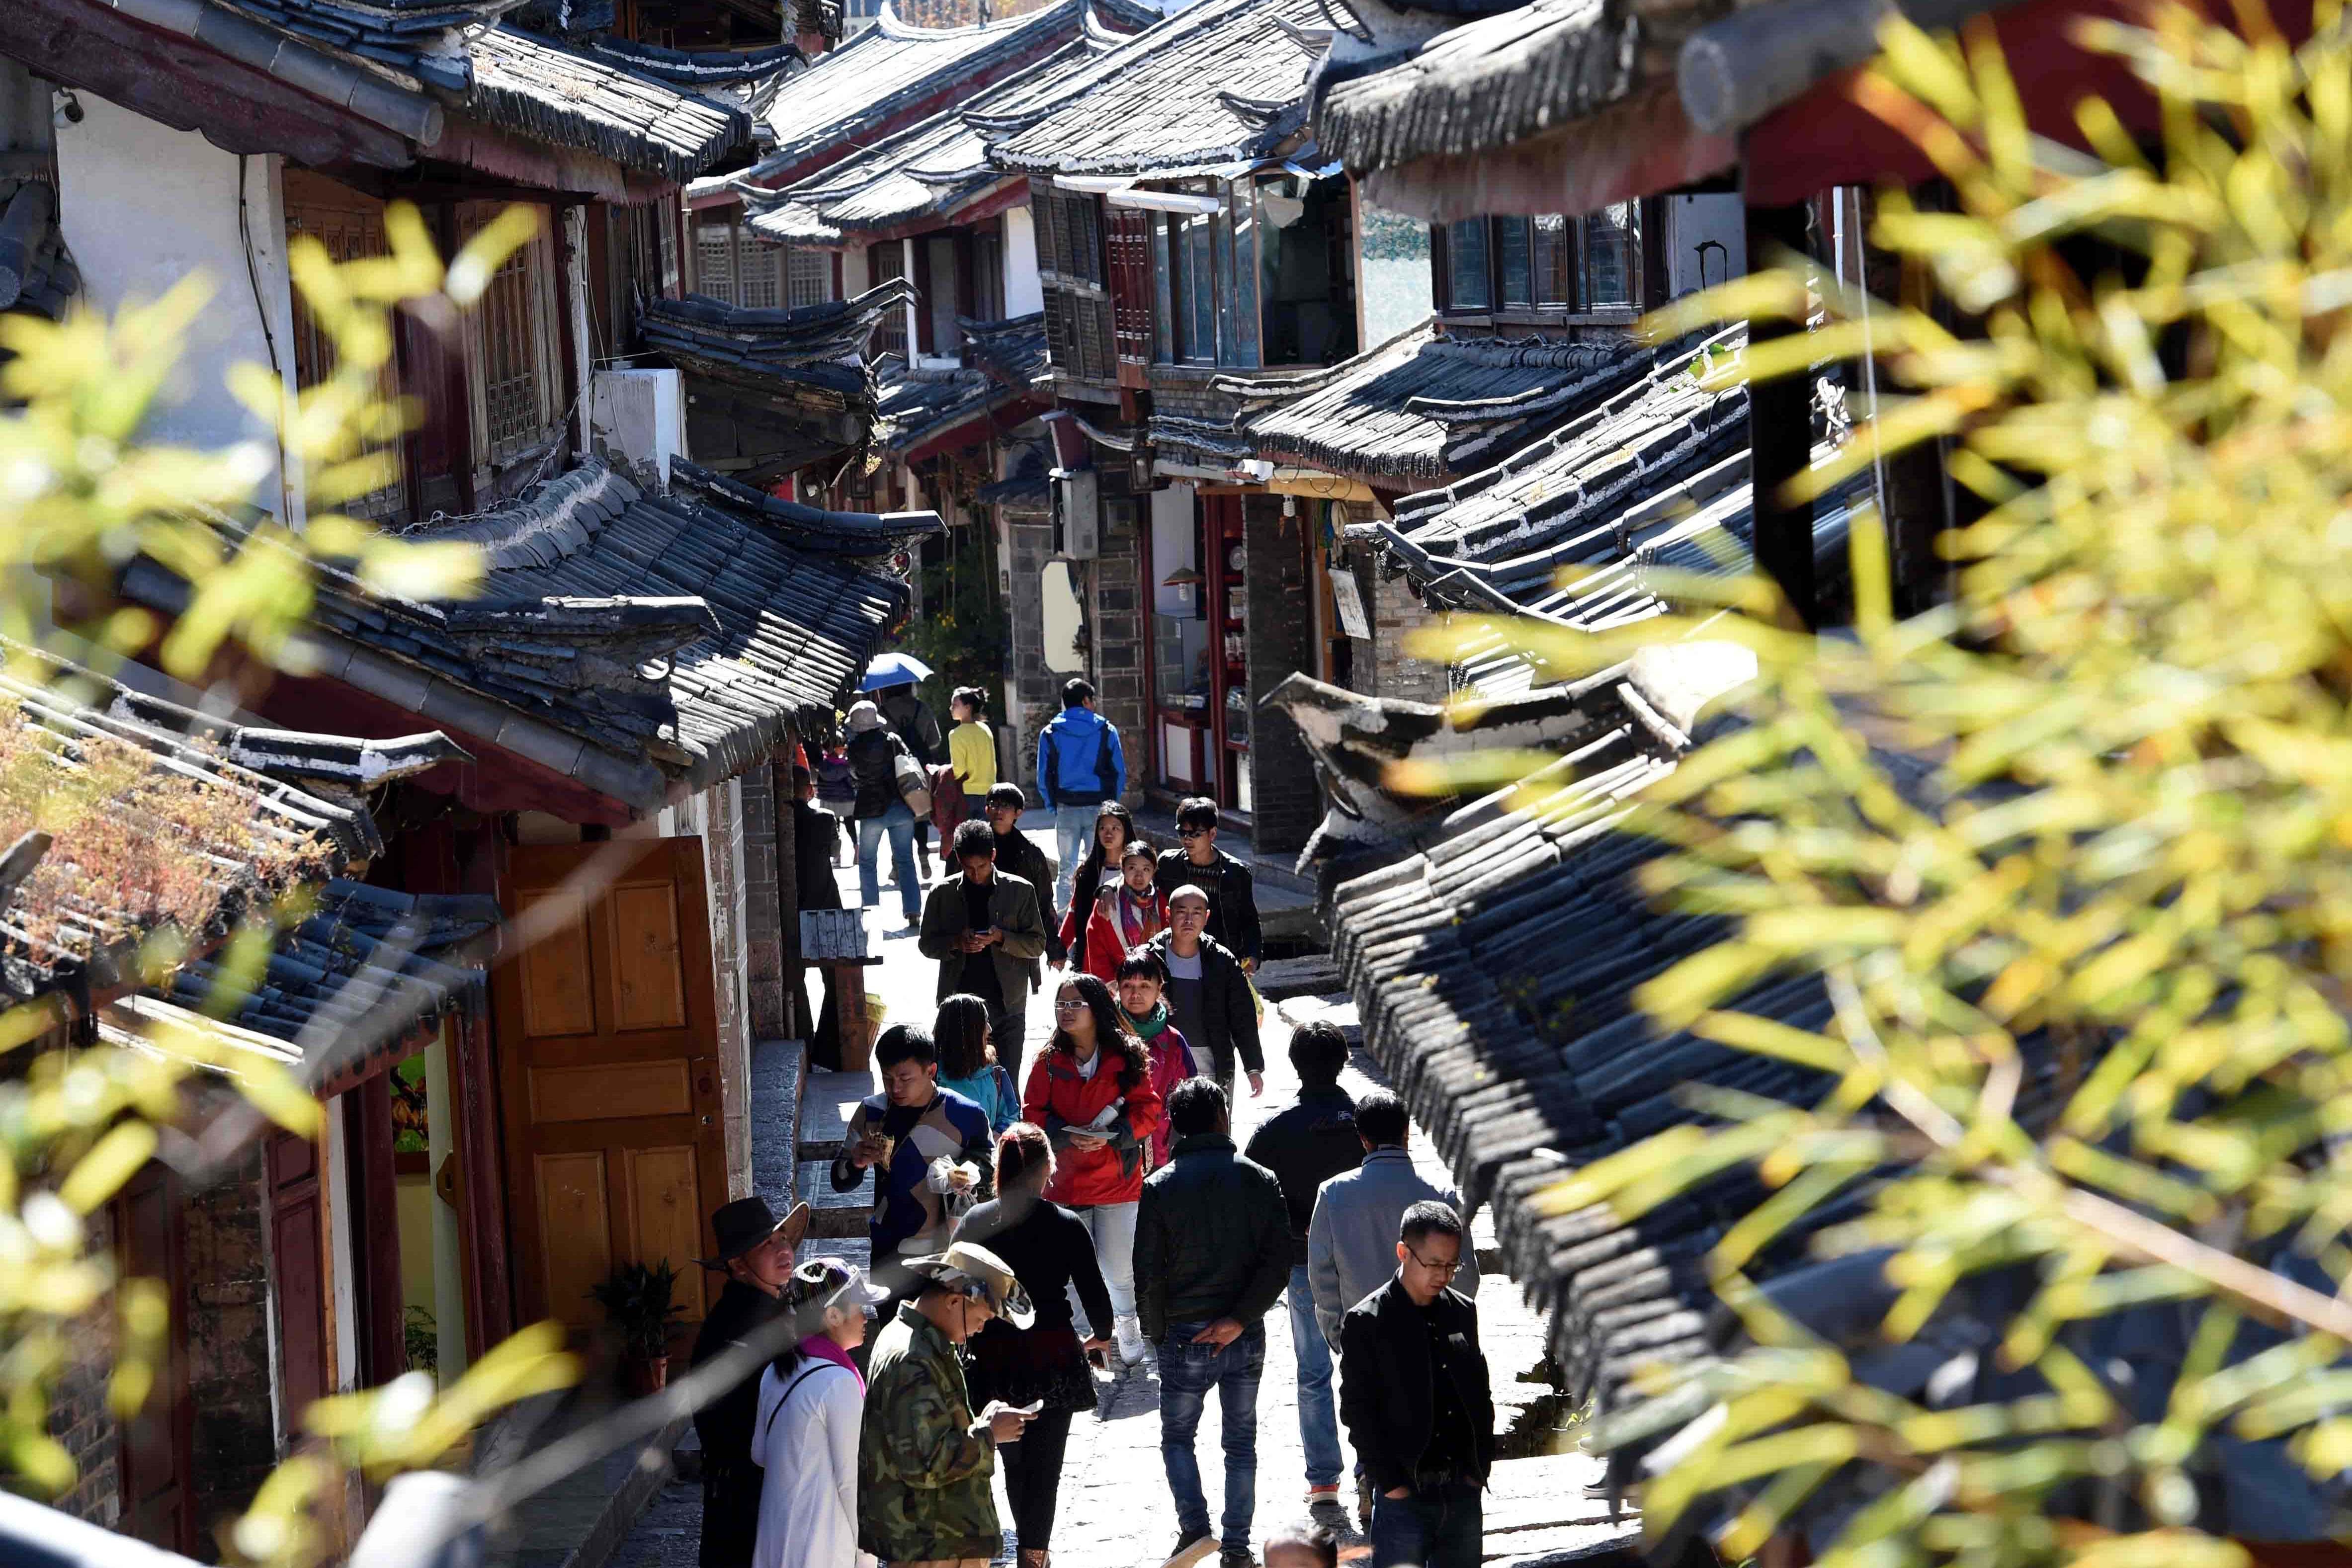 5A级景区丽江古城被国家旅游局严重警告